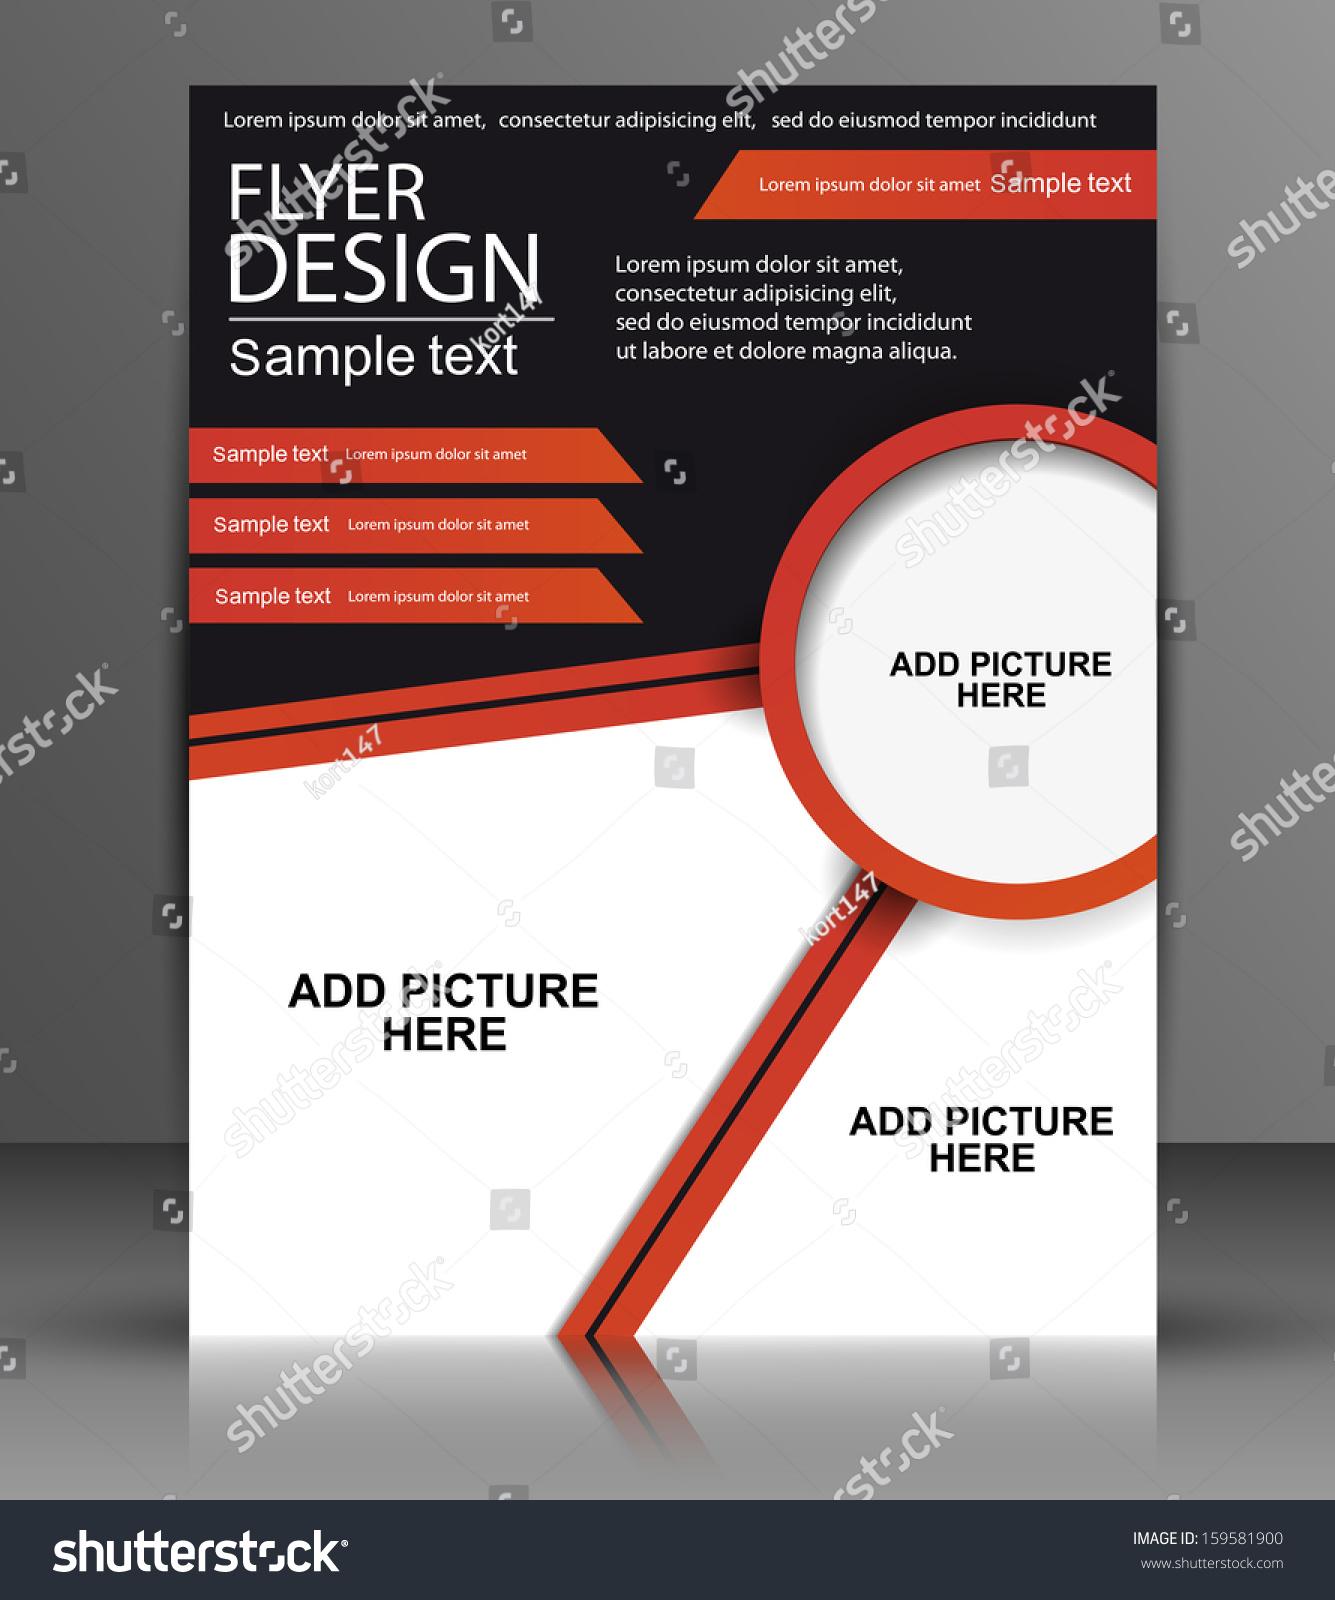 vector flyer design business stock vector shutterstock vector flyer design business